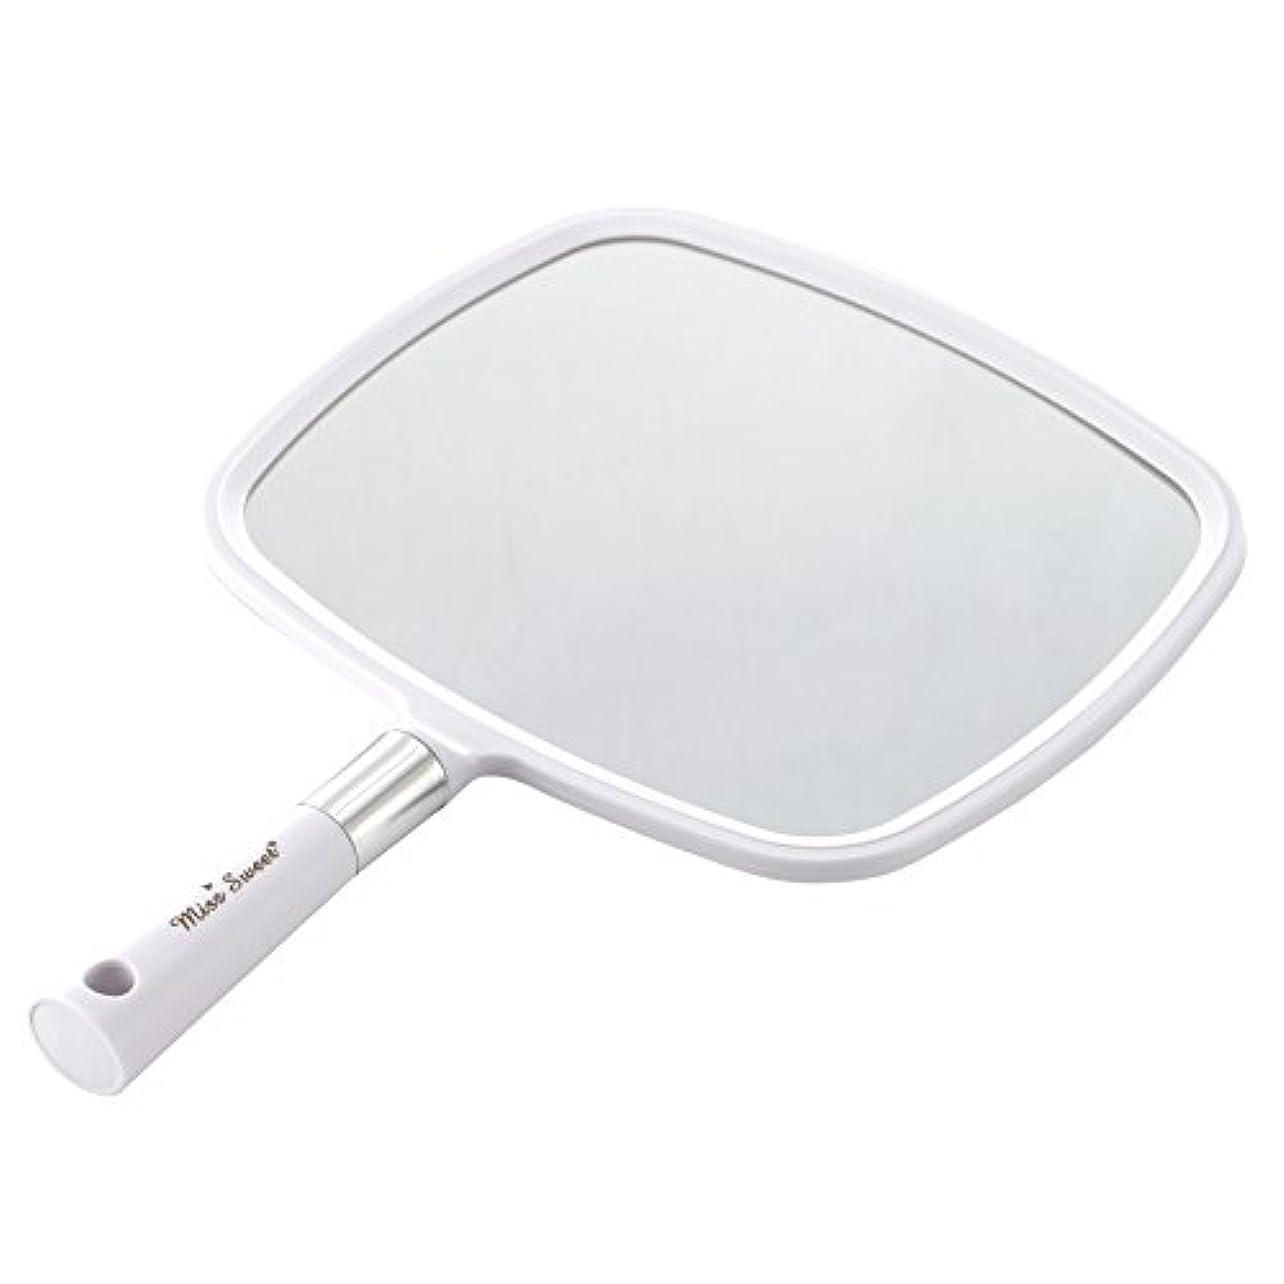 ホイスト部屋を掃除する可愛いMiss Sweet ハンドミラー 1倍大鏡 (白)